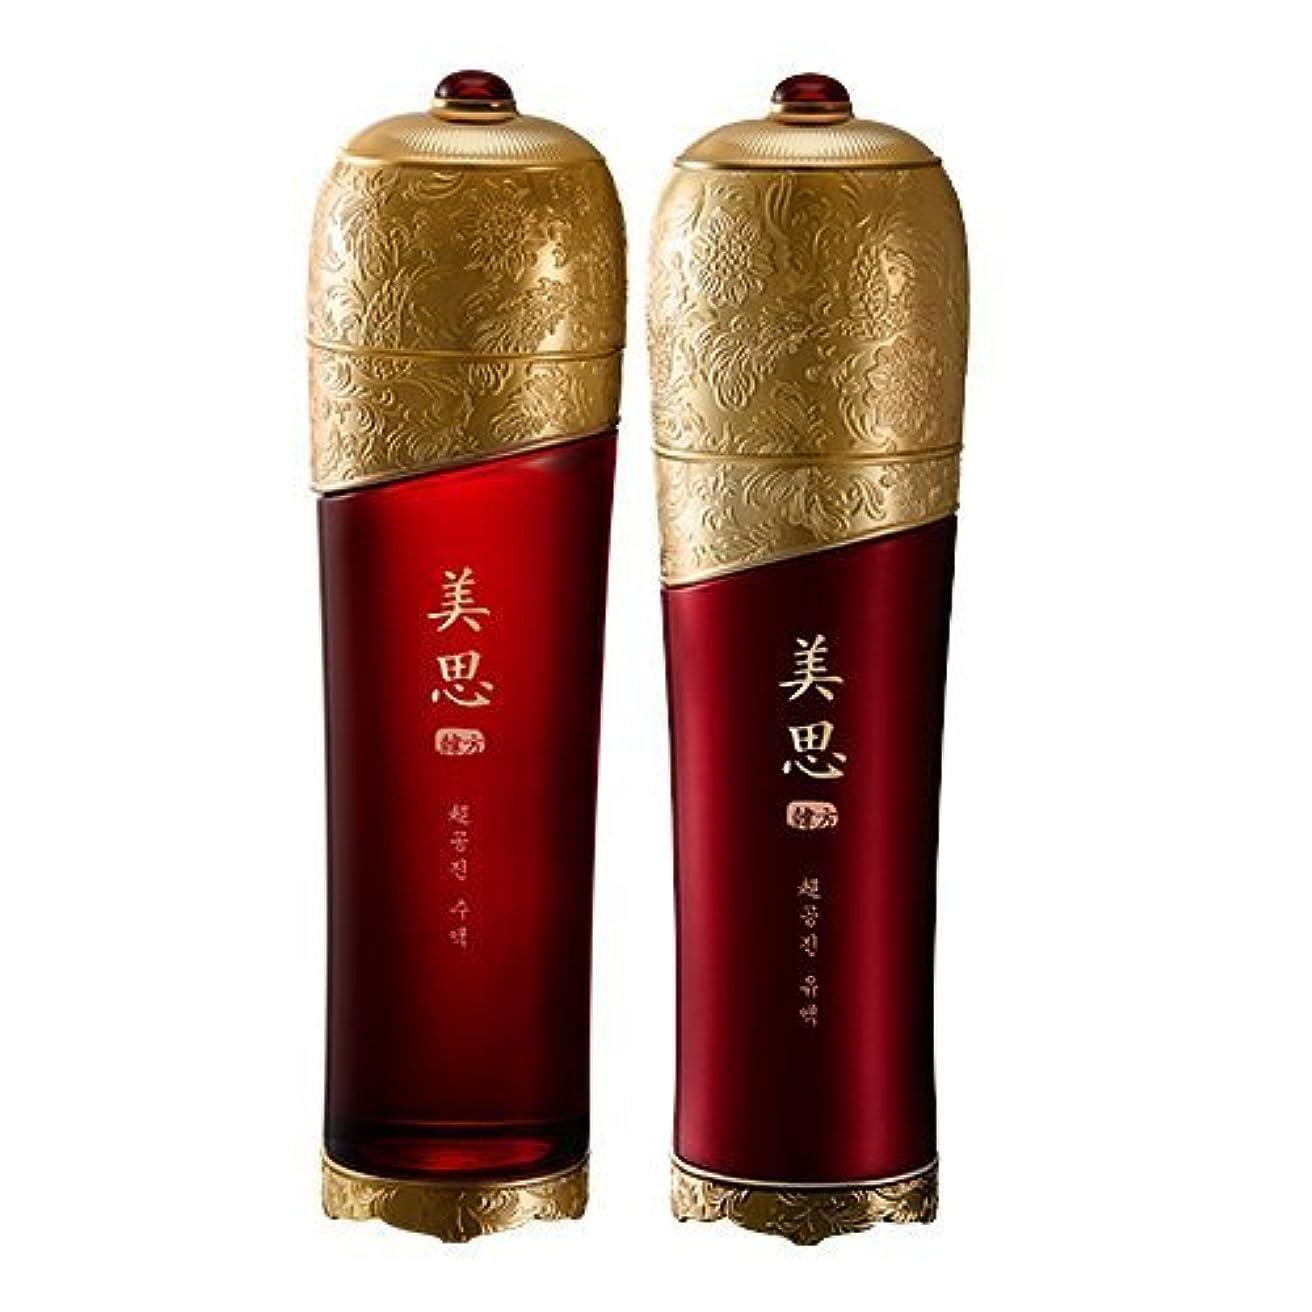 導出数学的な適合MISSHA(ミシャ) 美思 韓方 チョゴンジン 基礎化粧品 スキンケア 化粧水+乳液=お得2種Set